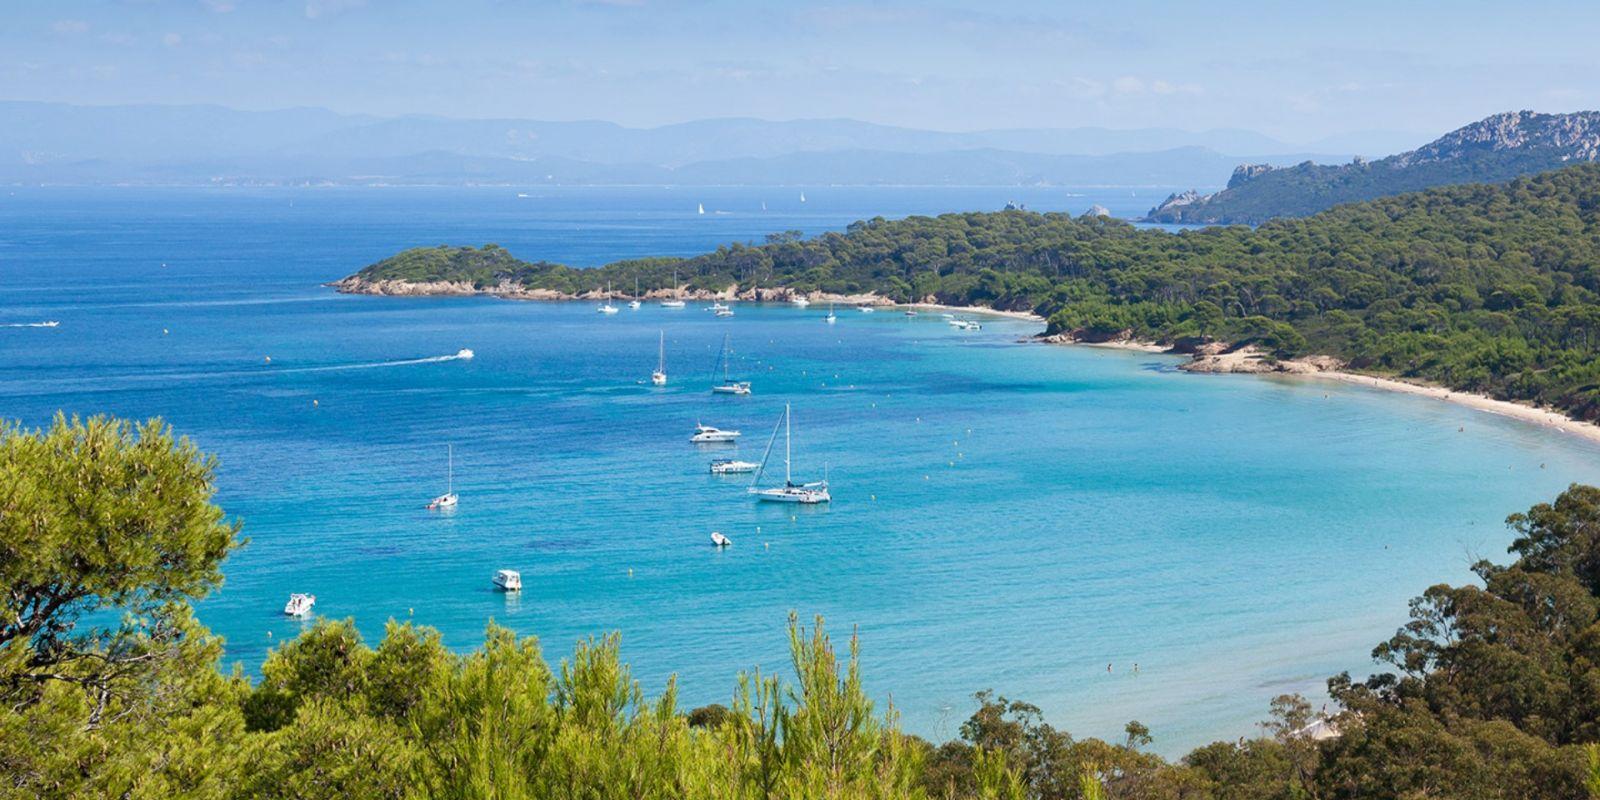 https://www.talamare.fr/medias/Vue d'une baie de l'île de Porquerolles lors d'une location de yacht sur la Côte d'Azur